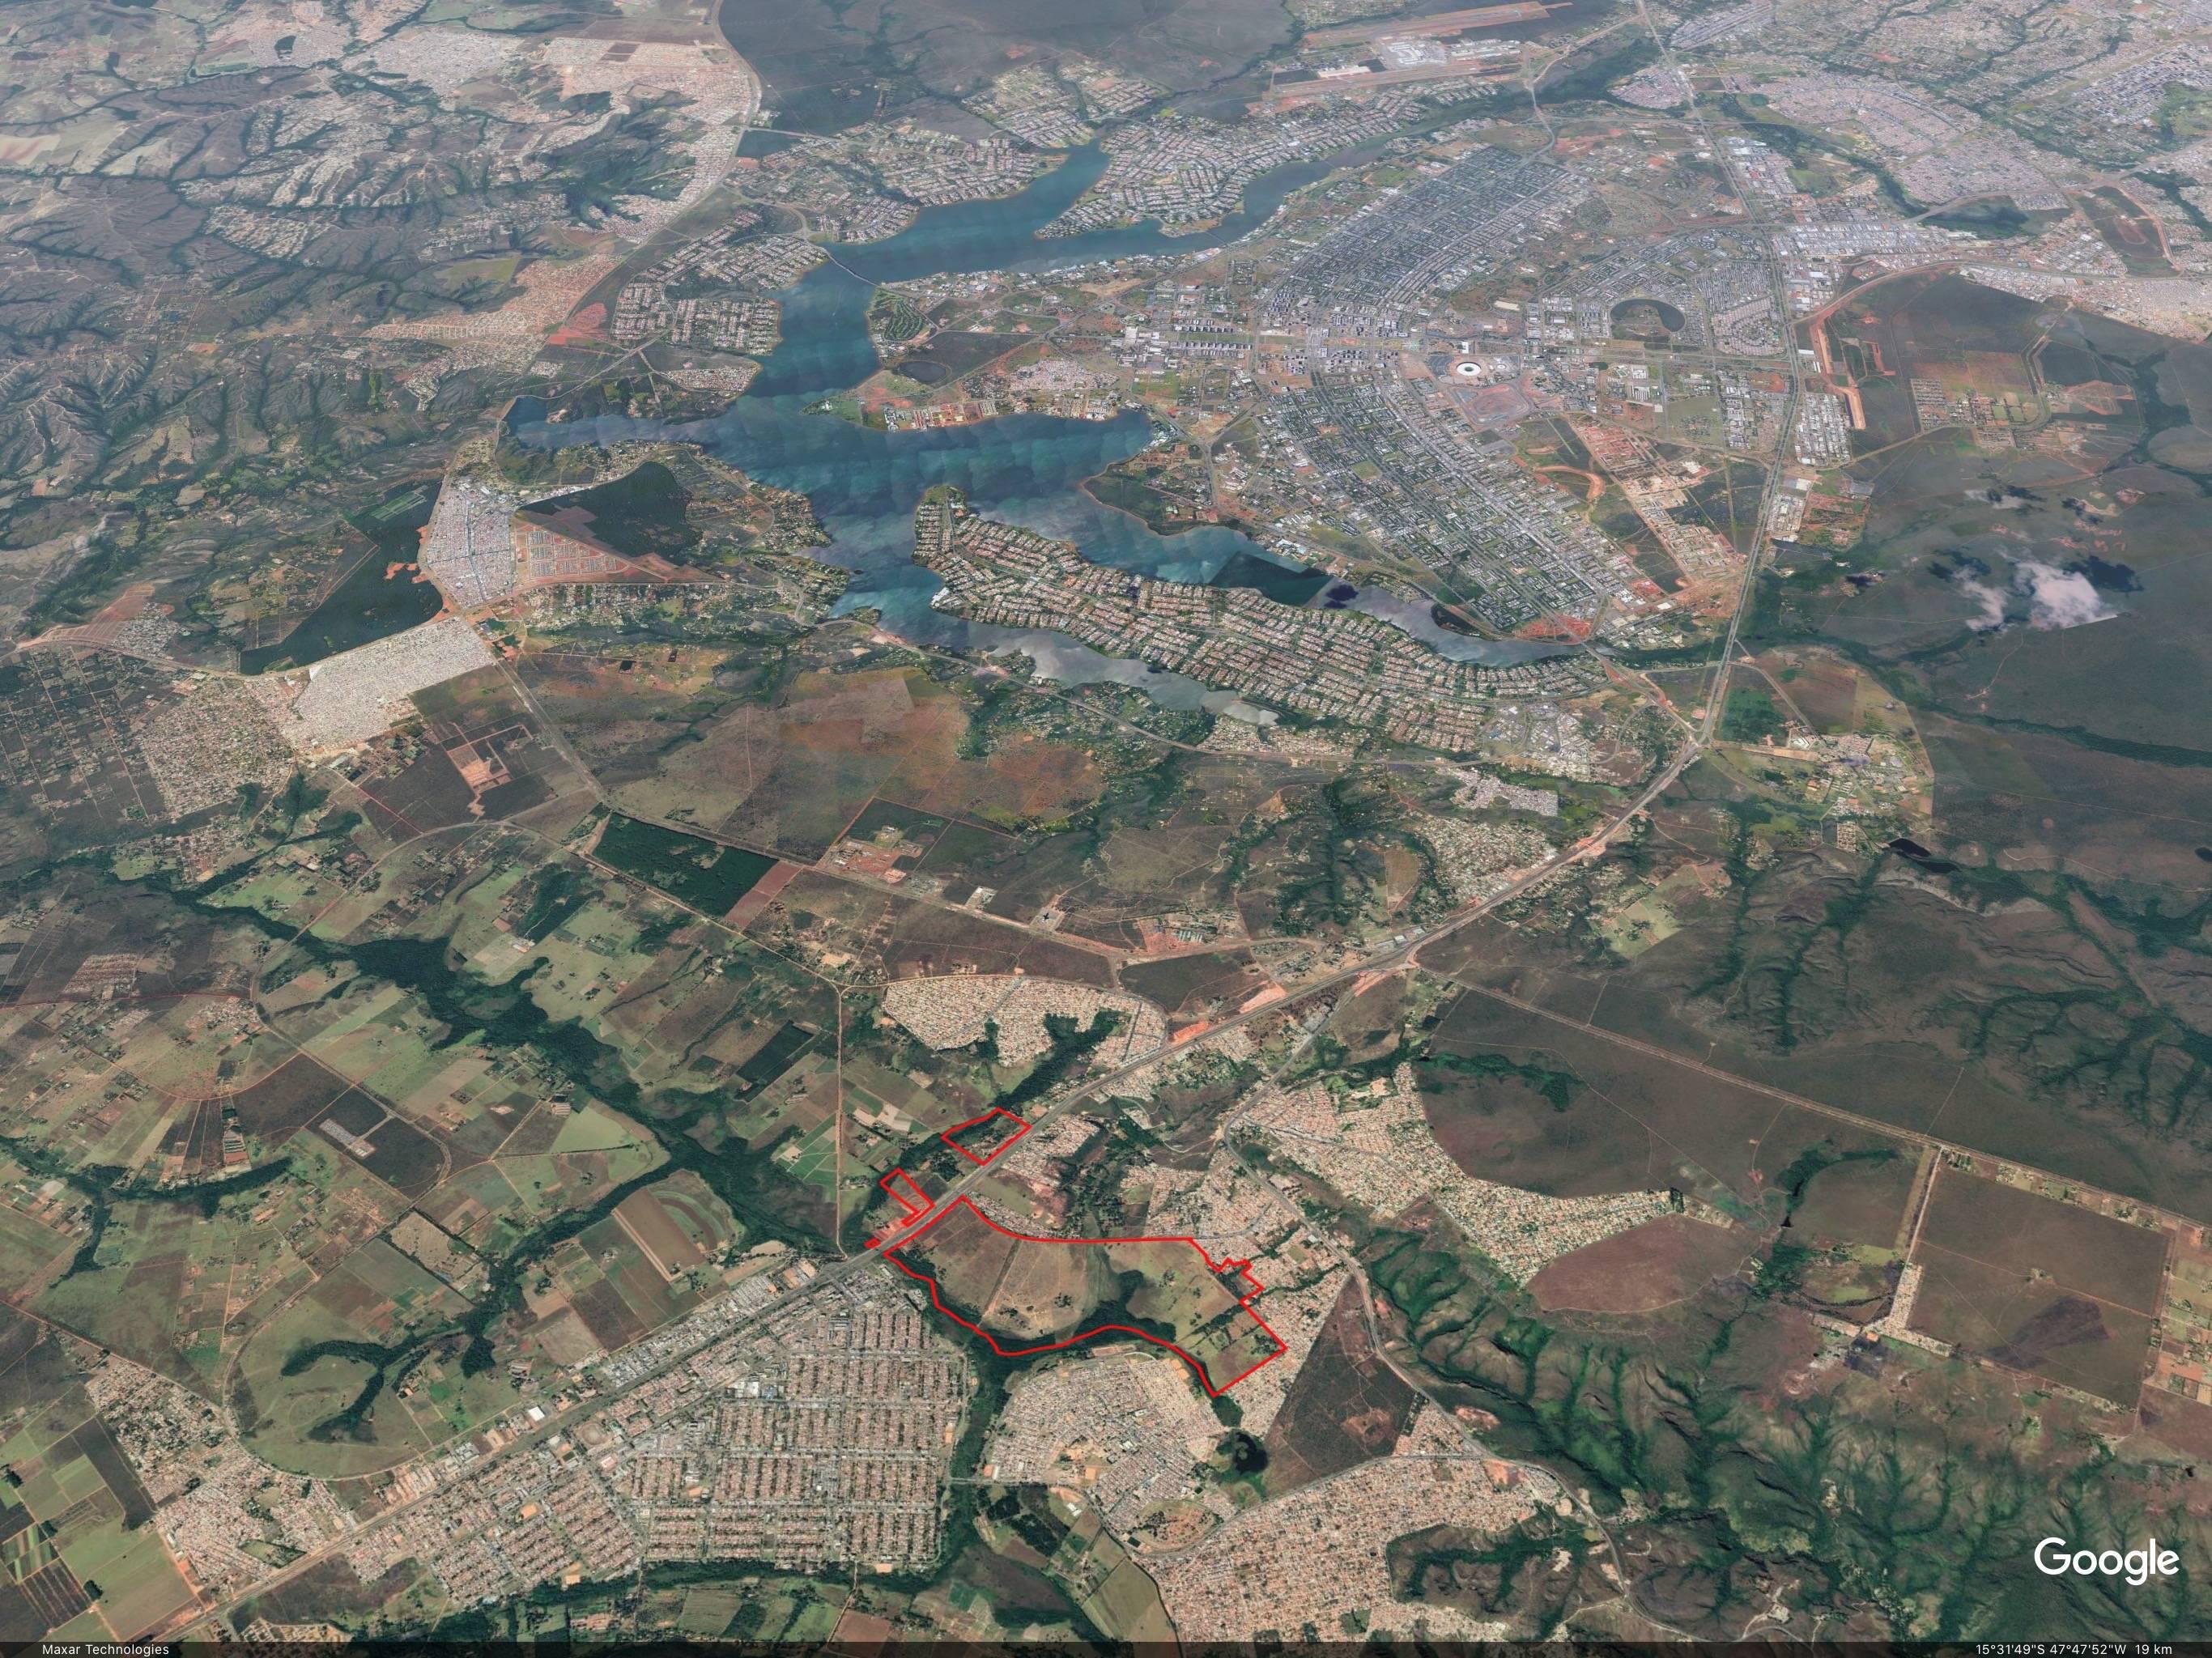 Região onde será localizada a cidade-satélite Urbitá. Foto: Google/Reprodução